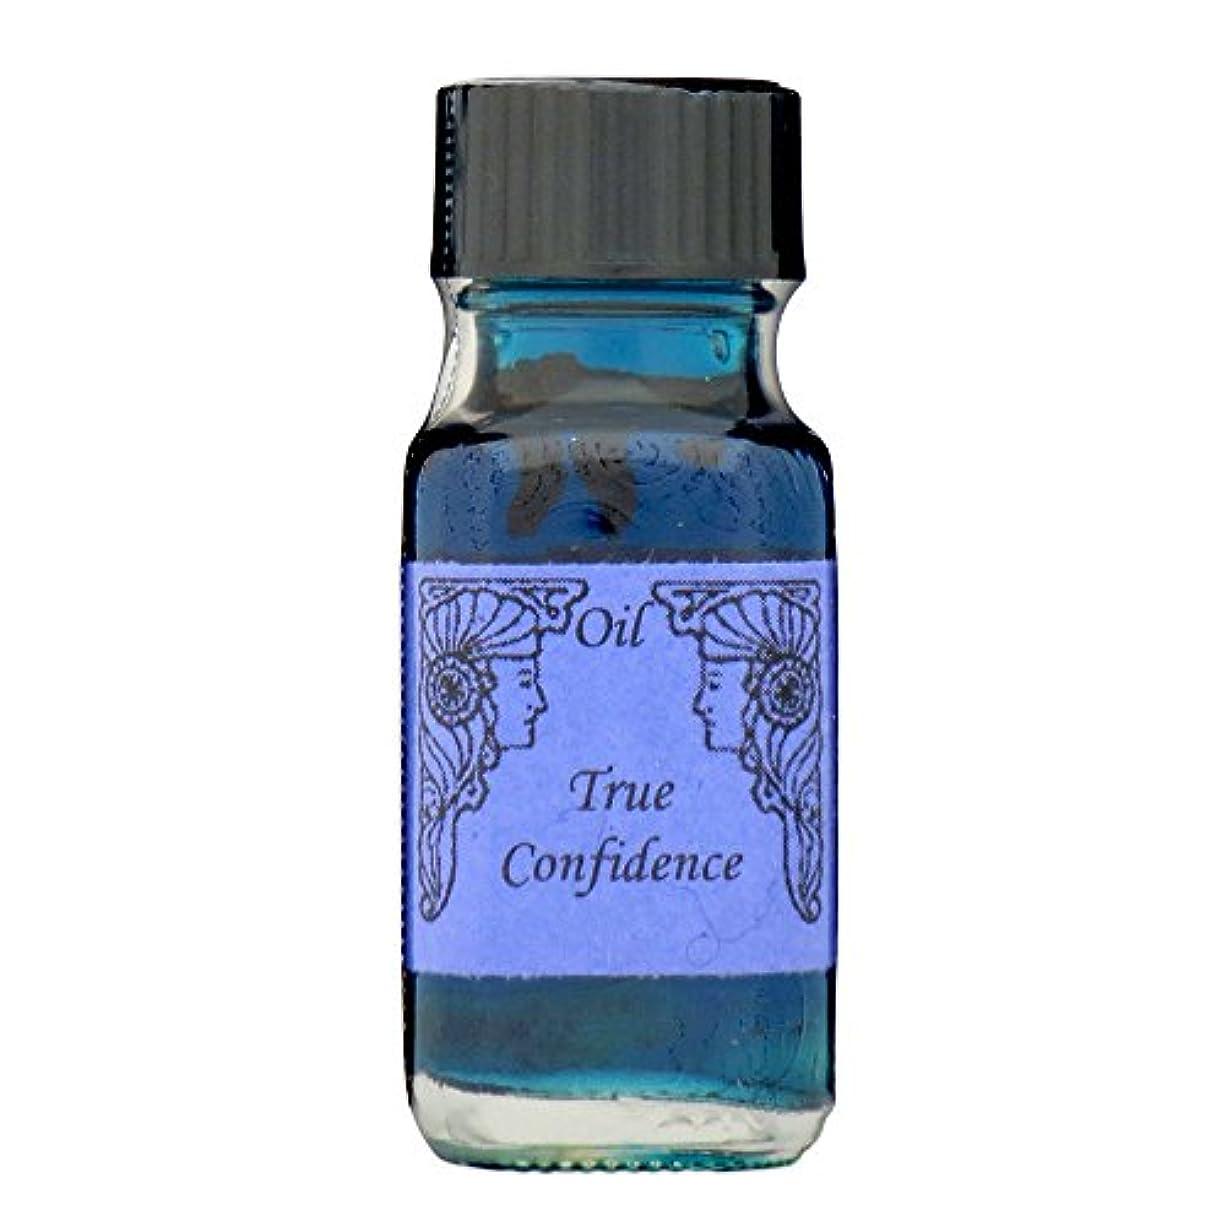 マインド政策ケイ素アンシェントメモリーオイル トゥルーコンフィデンス (真の自信) 15ml (Ancient Memory Oils)